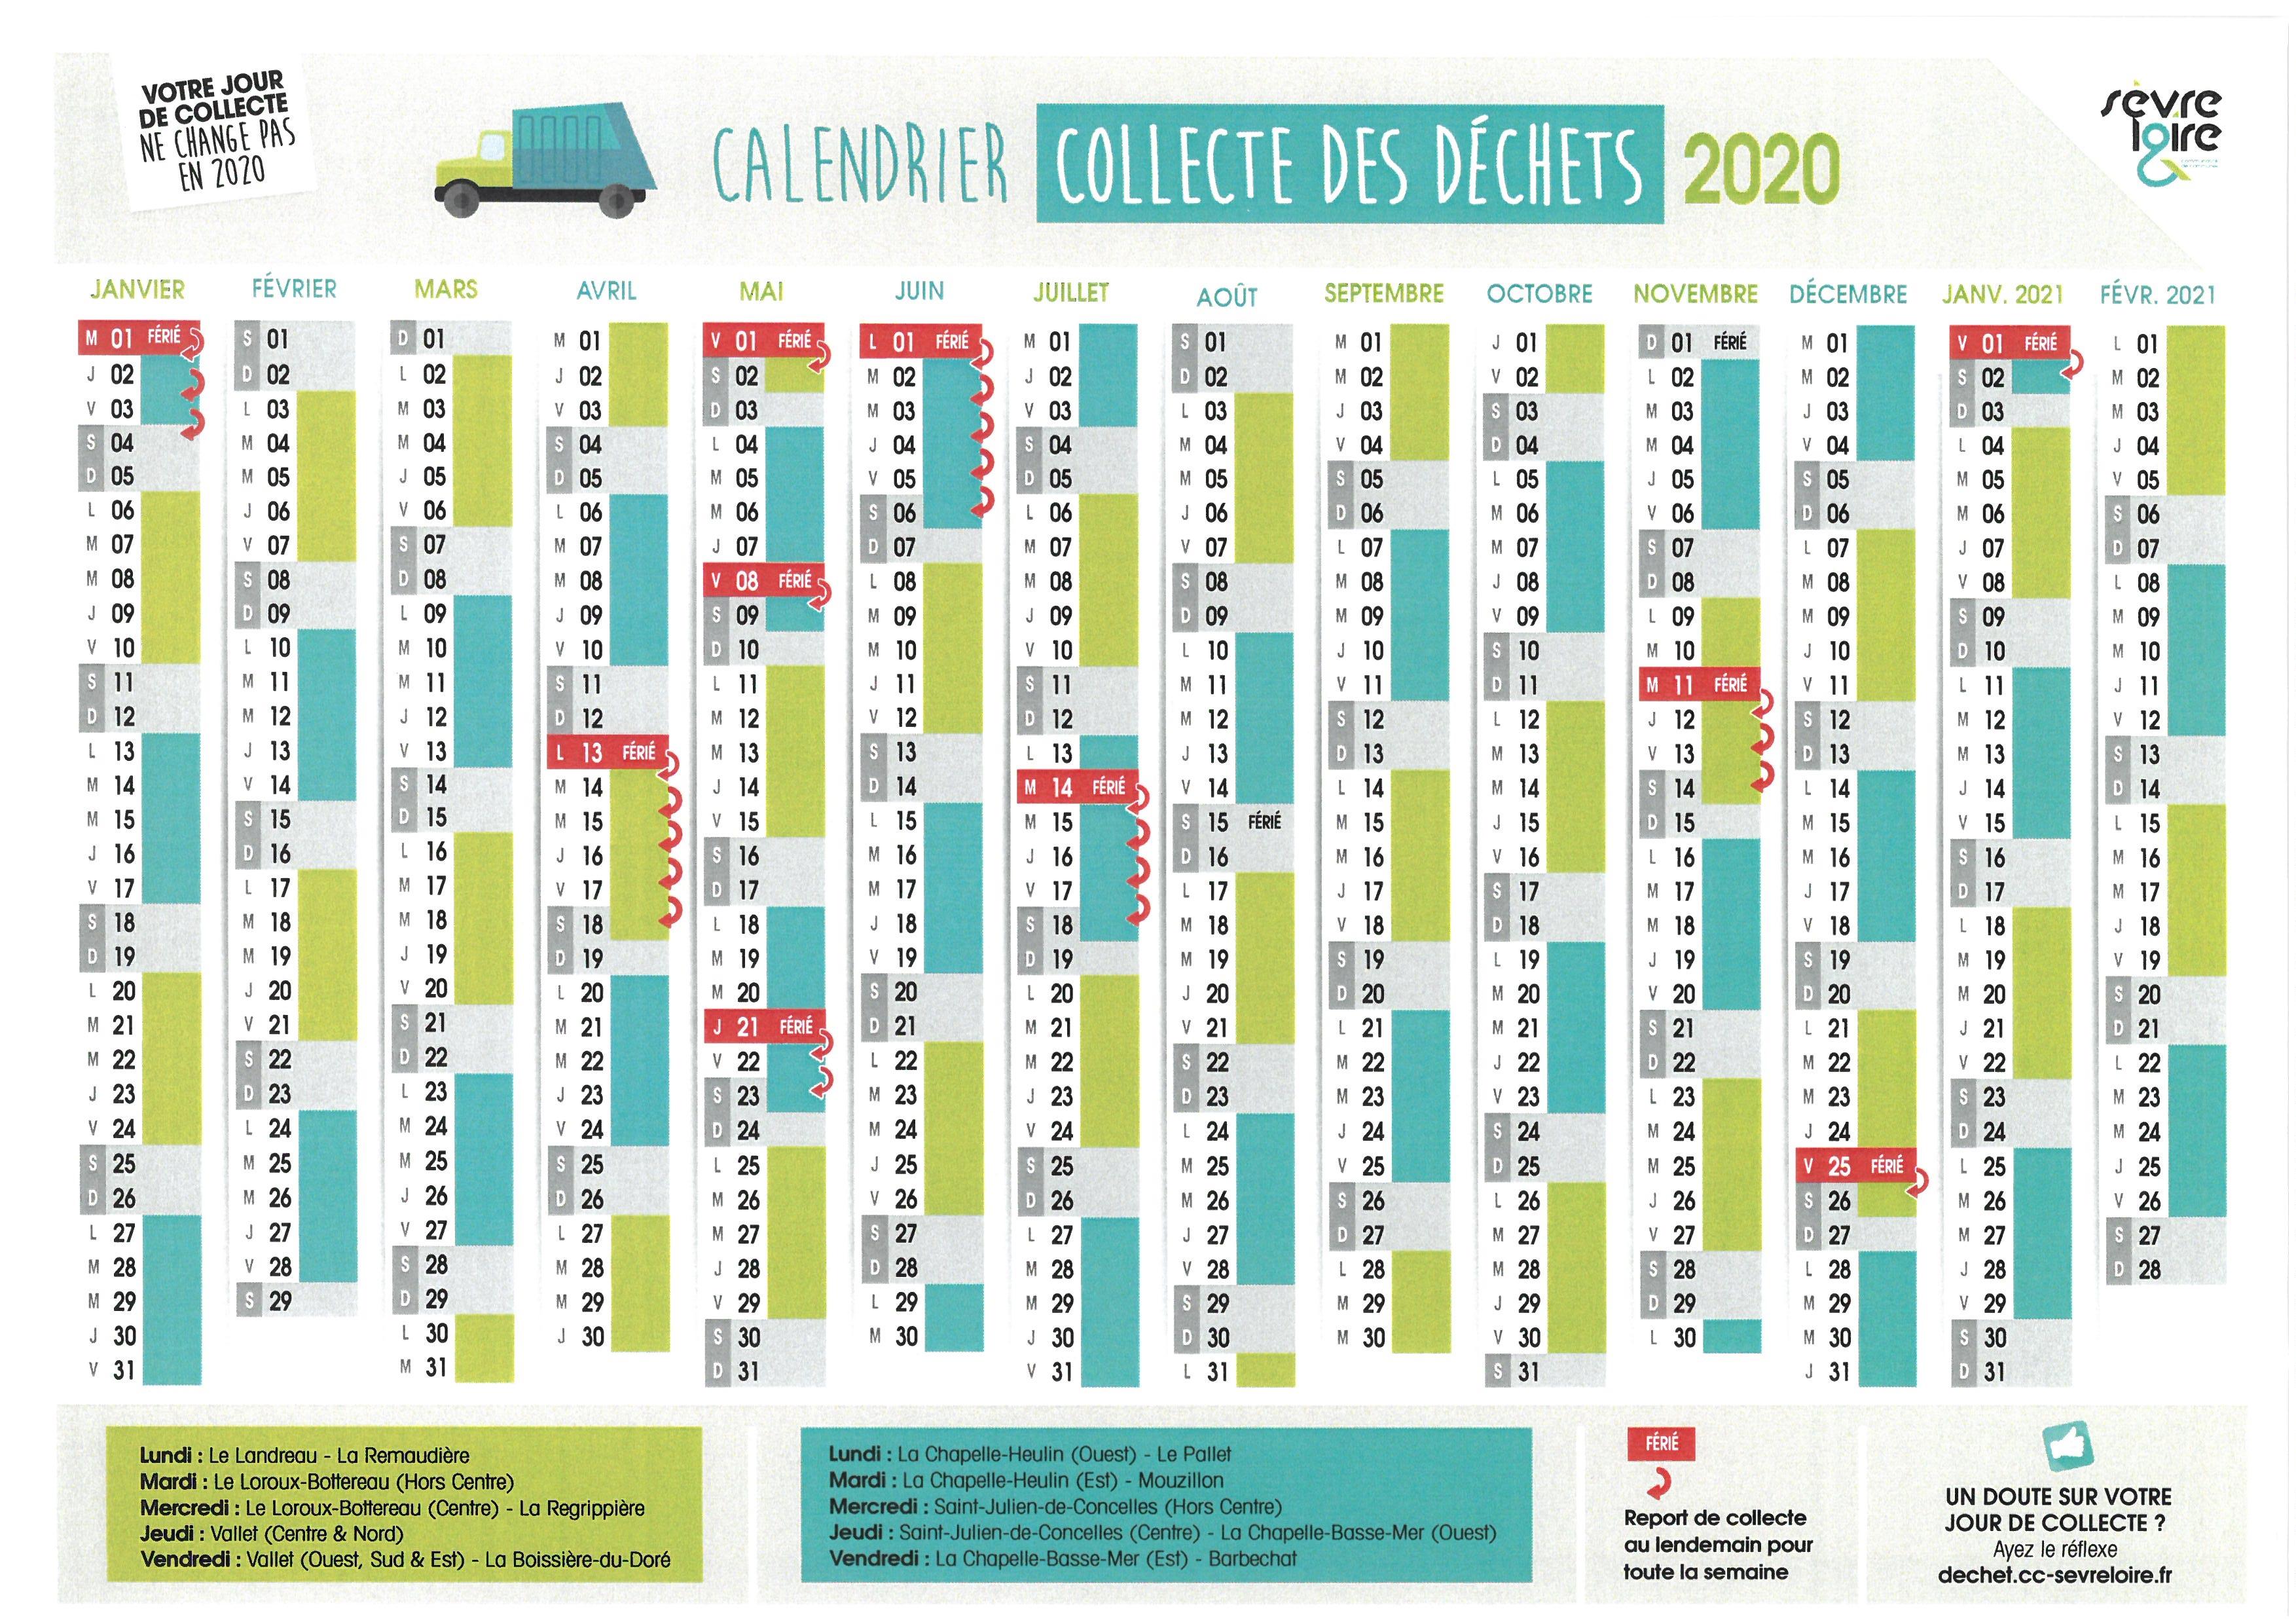 Calendrier collecte déchets 2020..jpg